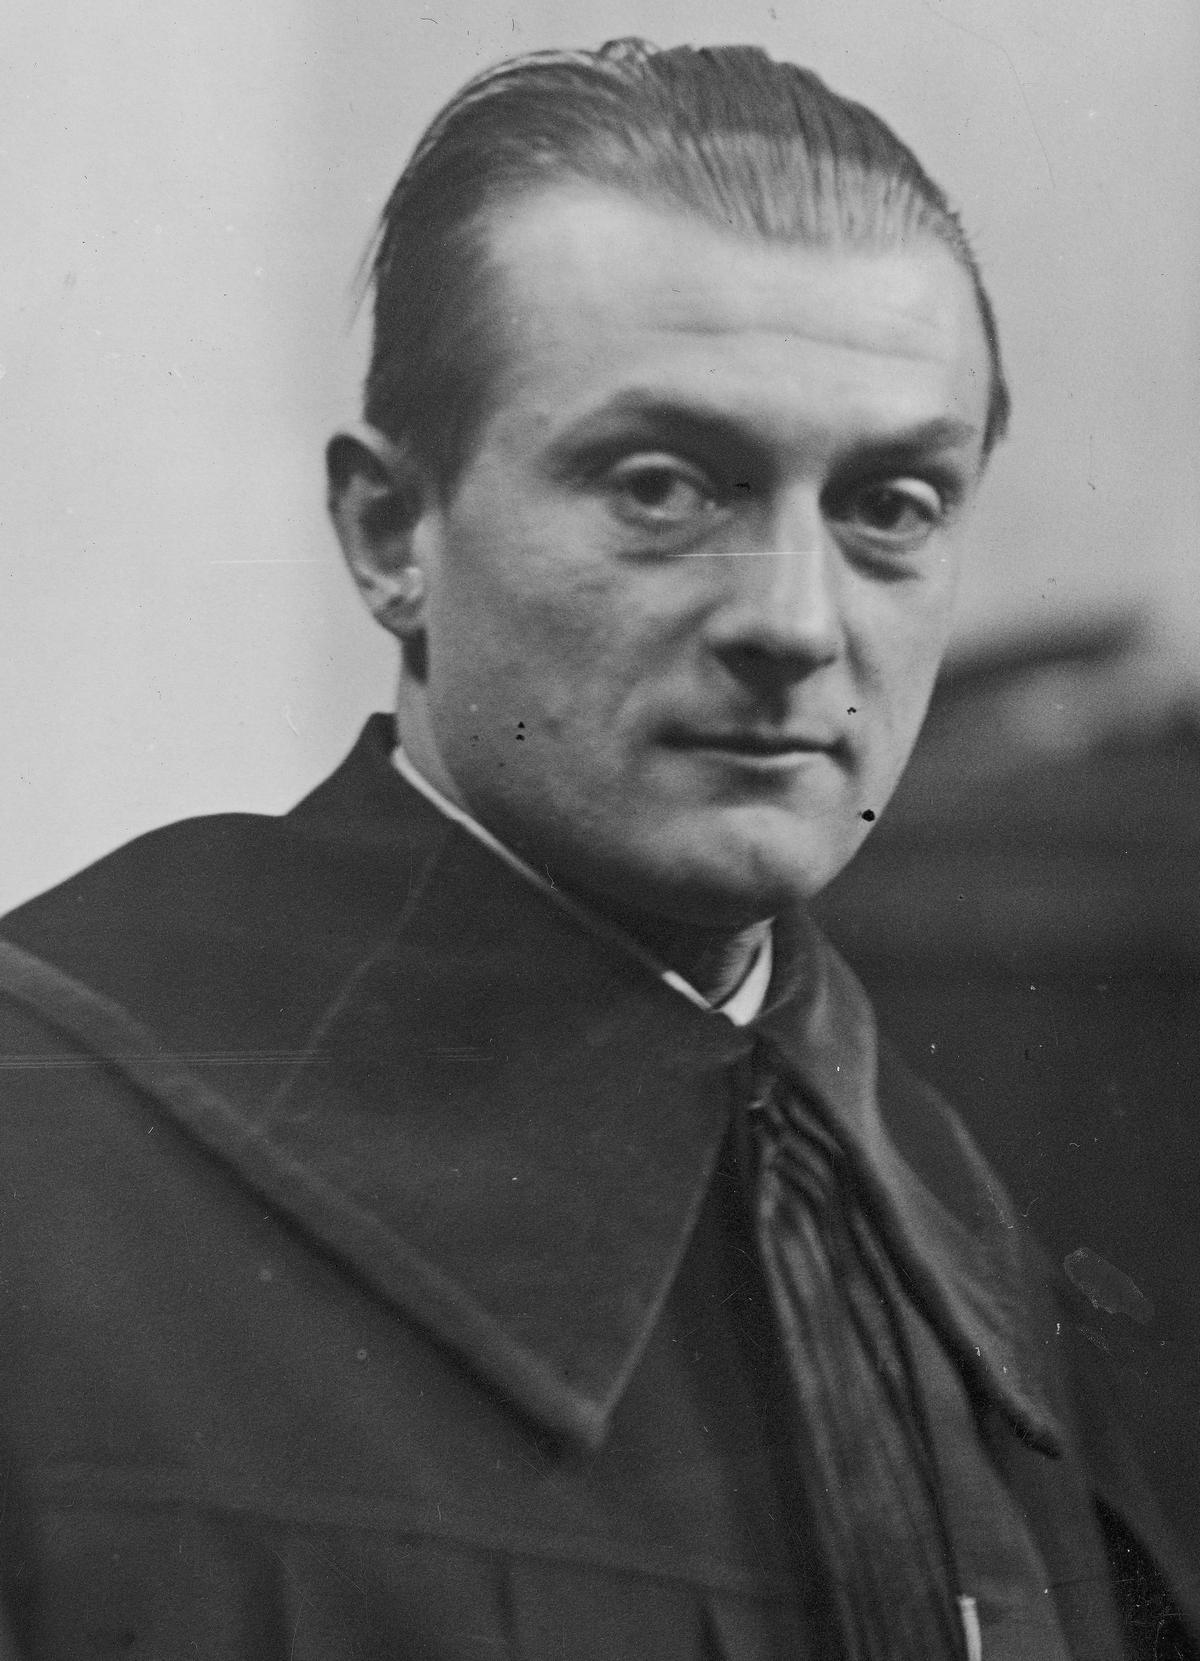 Mikiciński potrafił bez większego problemu wyciągnąć z niemieckiego obozu szwagra Zygmunta Gralińskiego (na zdjęciu).